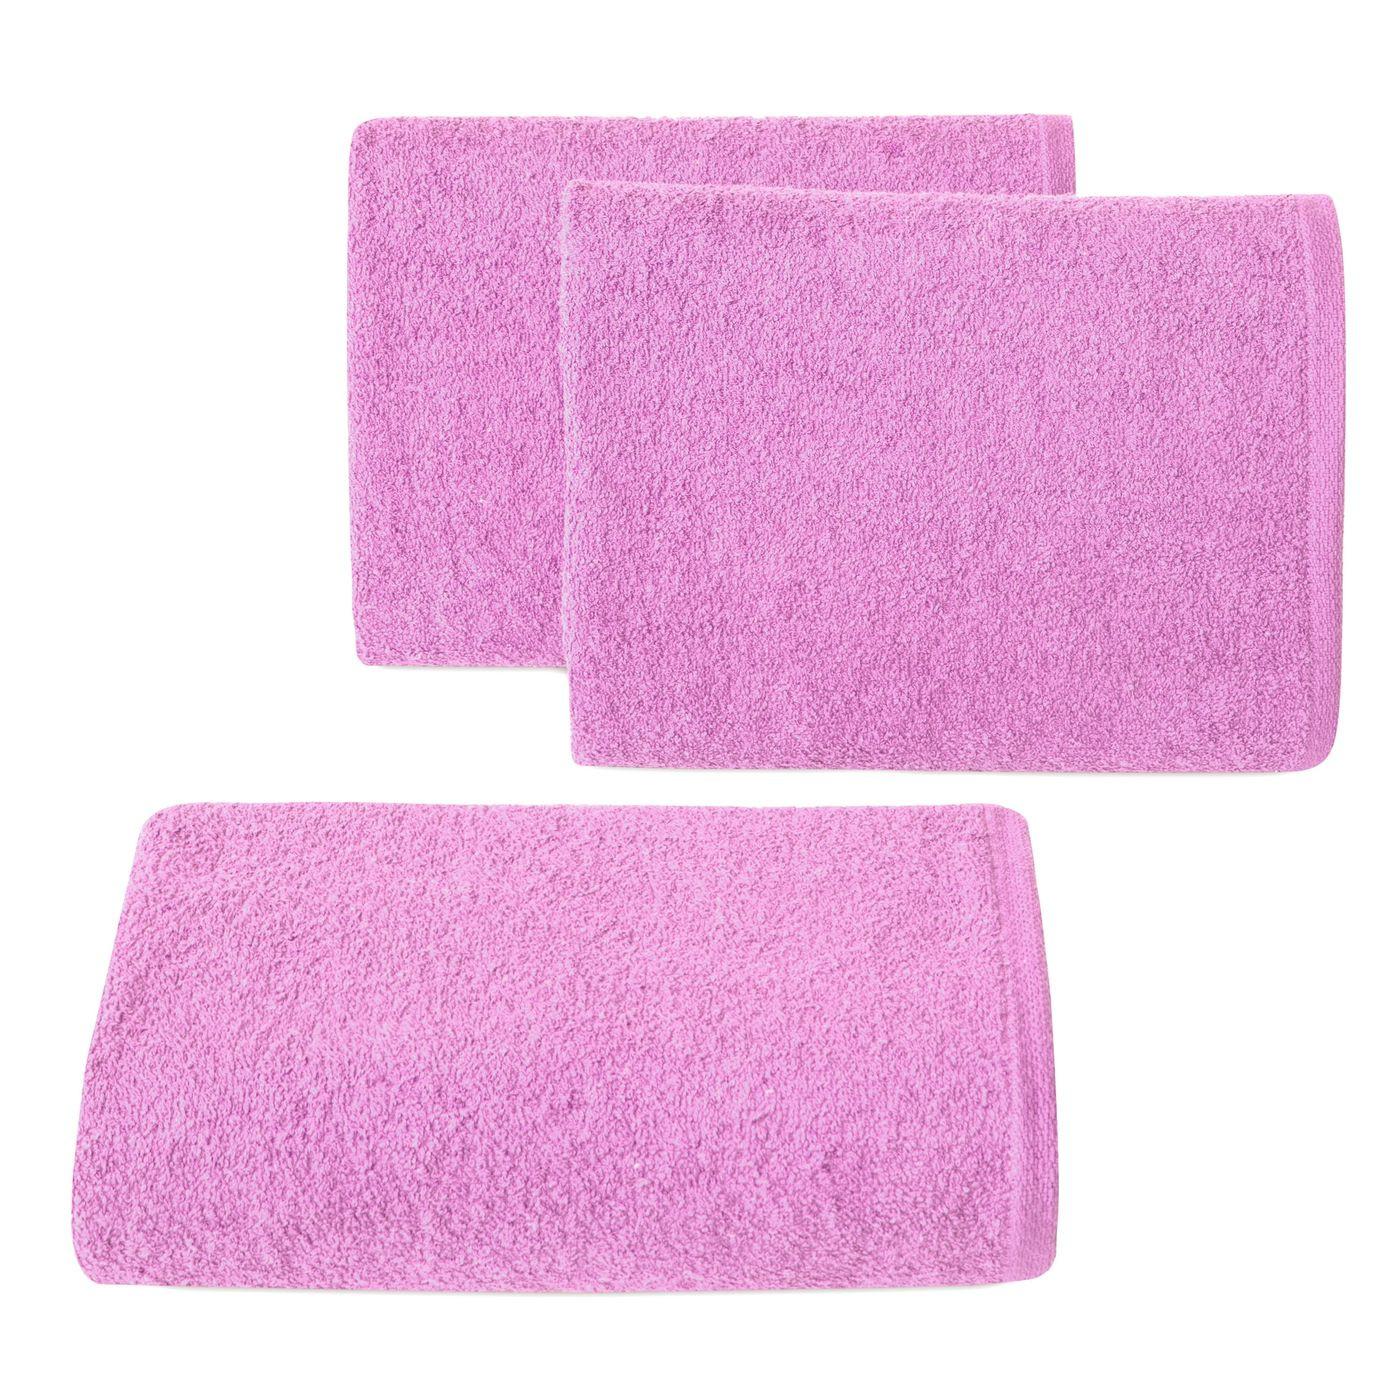 Ręcznik z bawełny gładki różowy 50x90cm